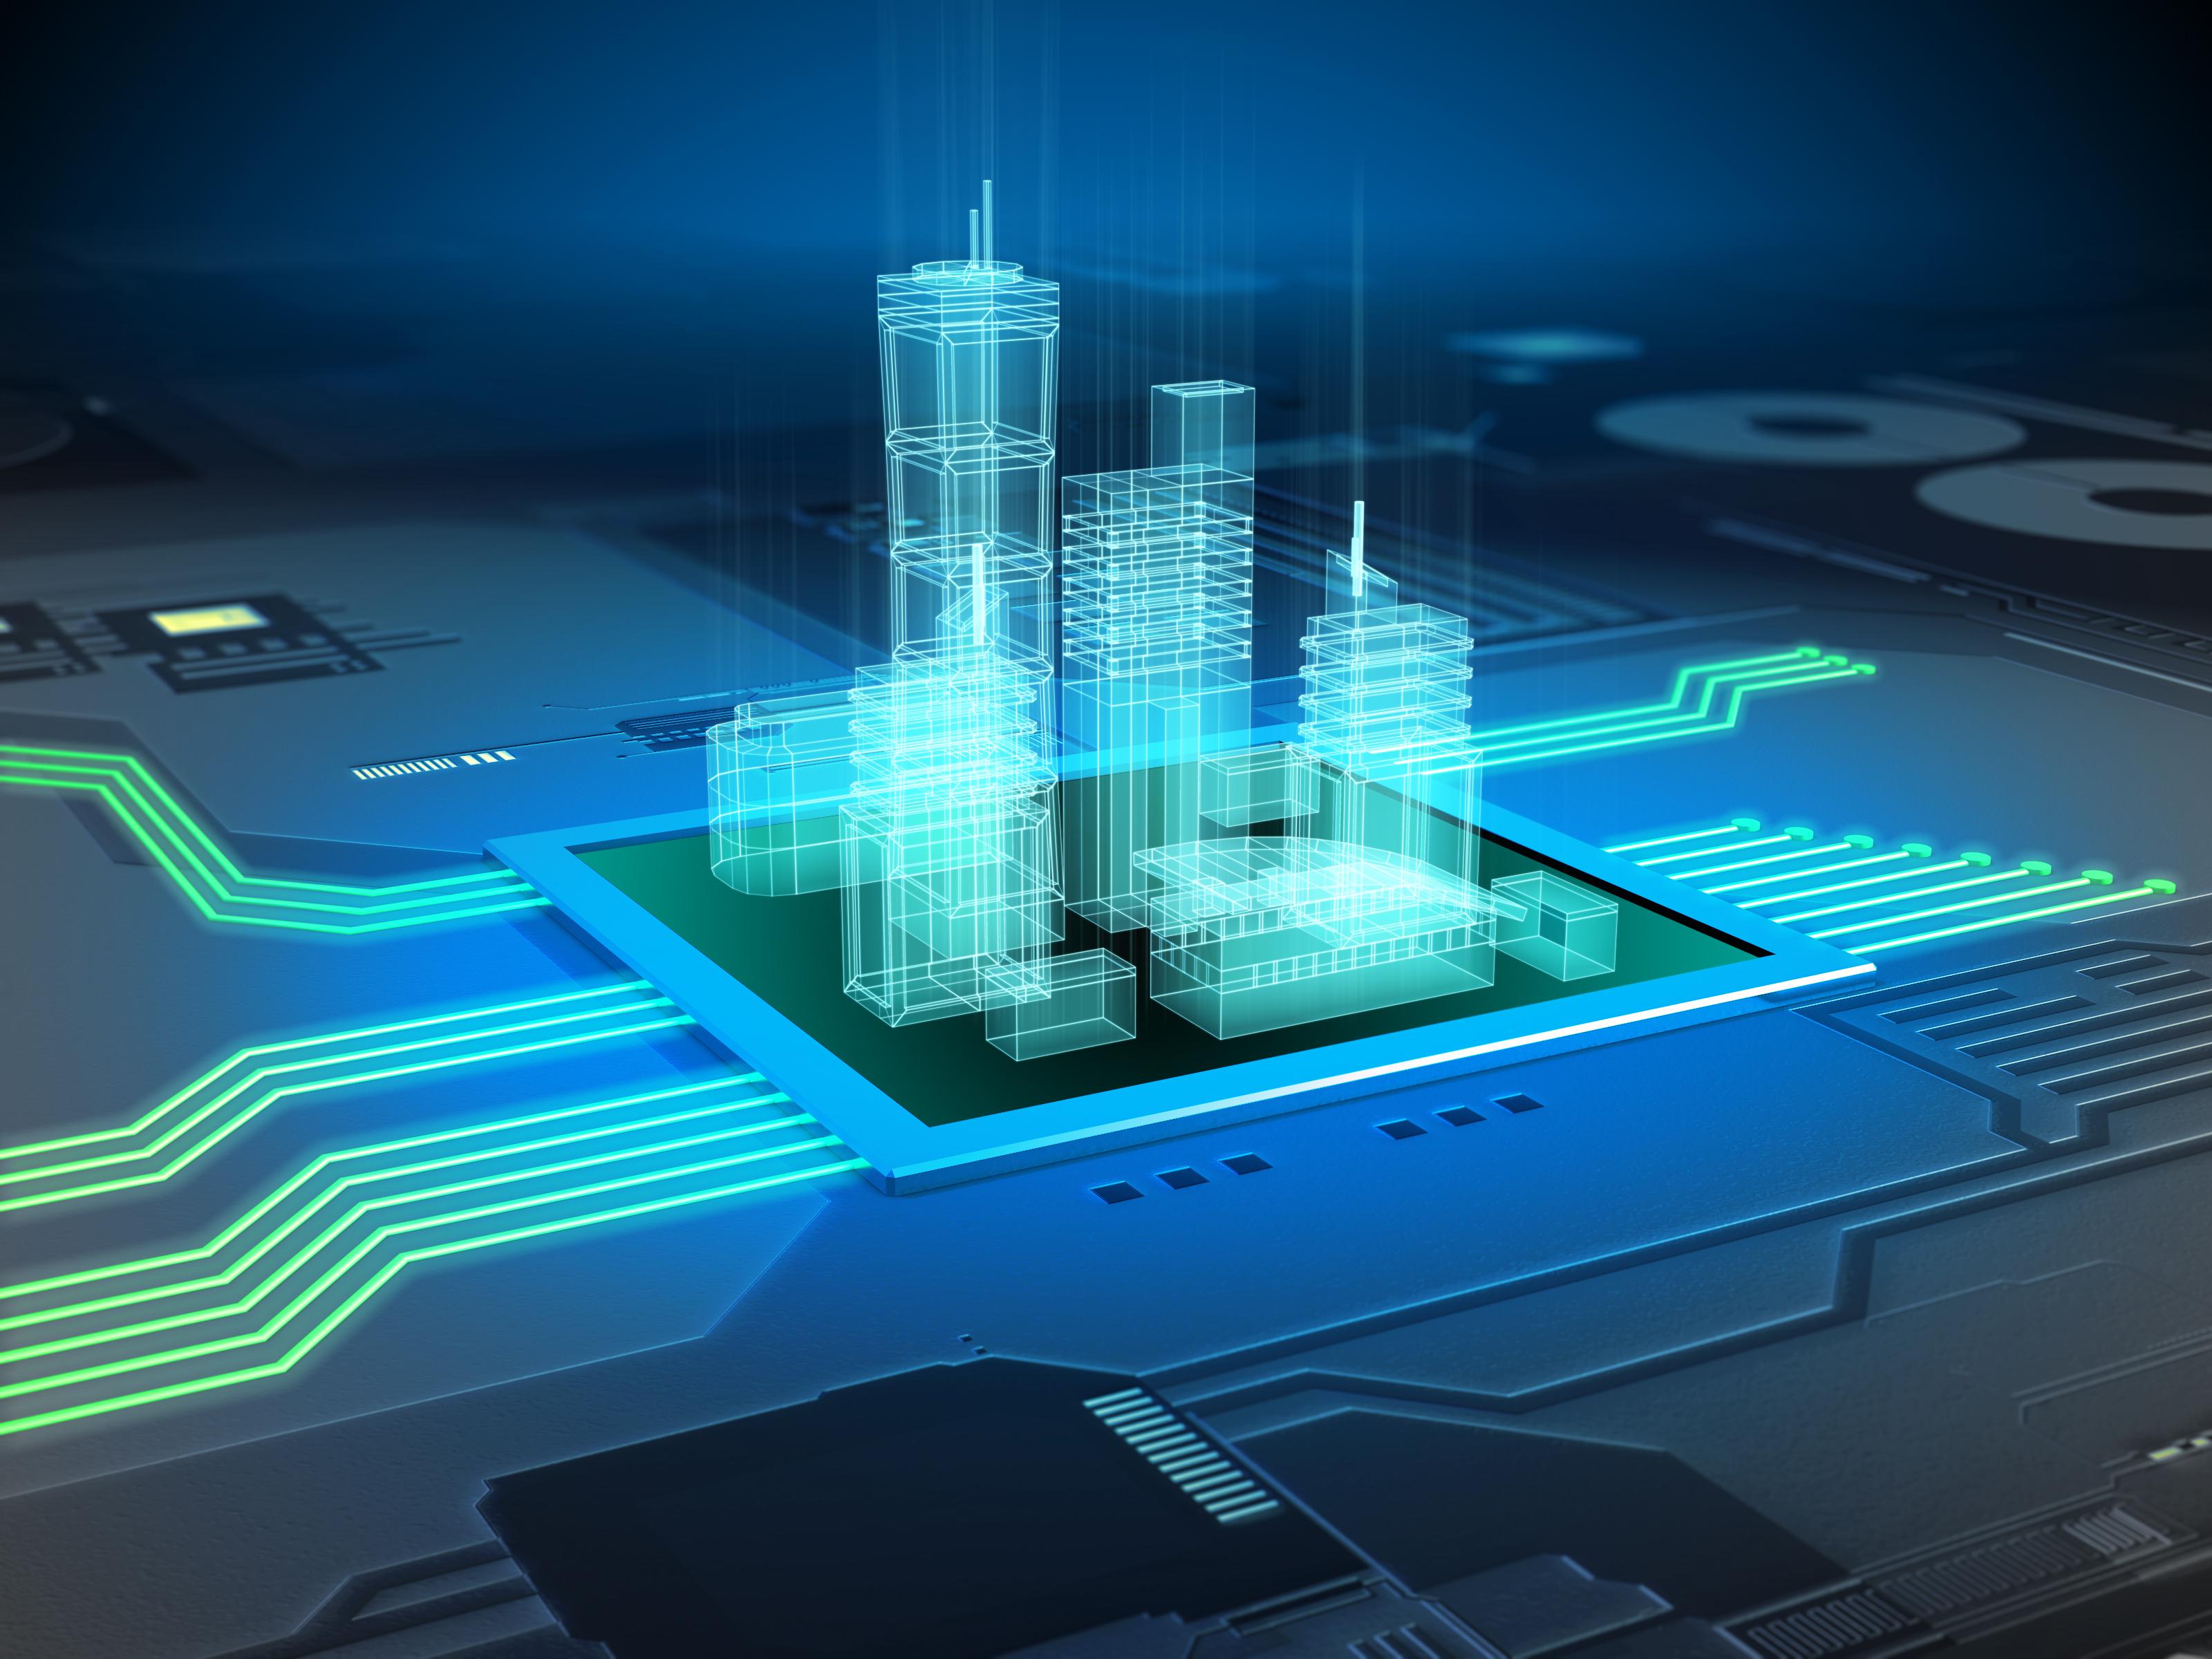 एक मुद्रित सर्किट बोर्ड पर आधुनिक शहर की इमारतें।  डिजिटल चित्रण।